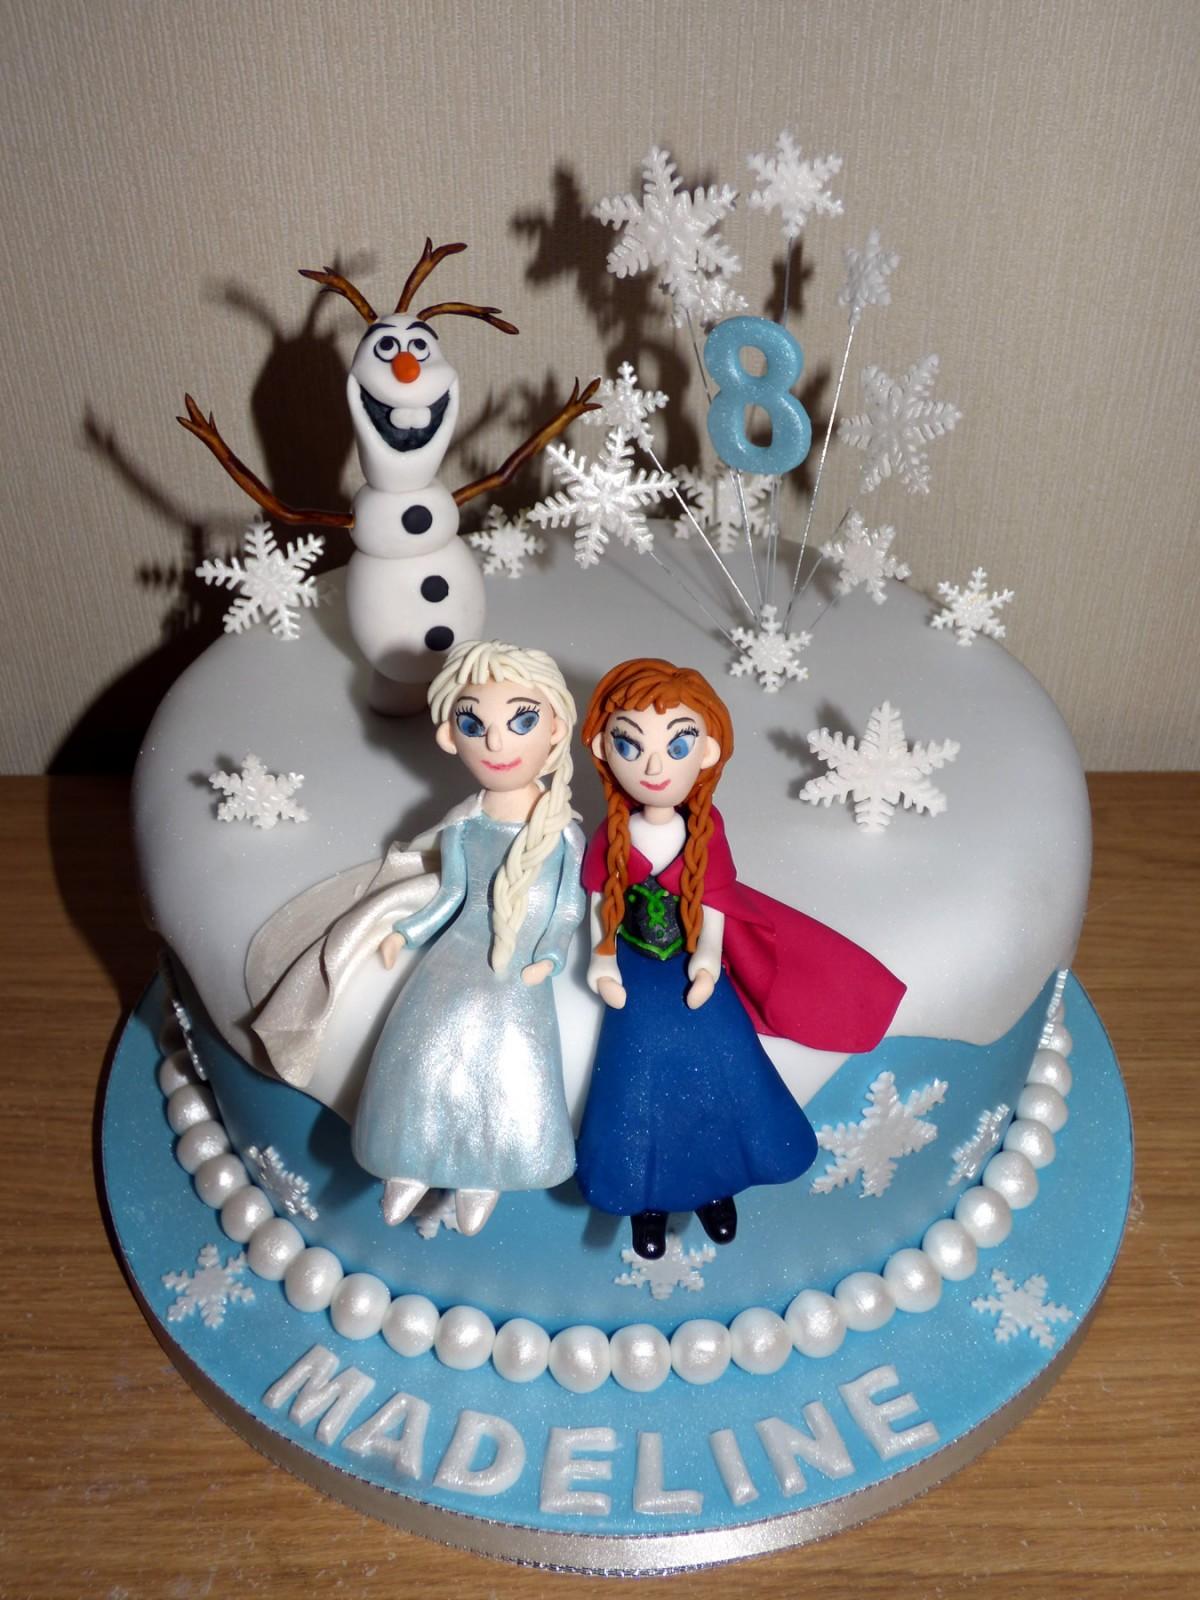 Disney Frozen Birthday Cake « Susie's Cakes